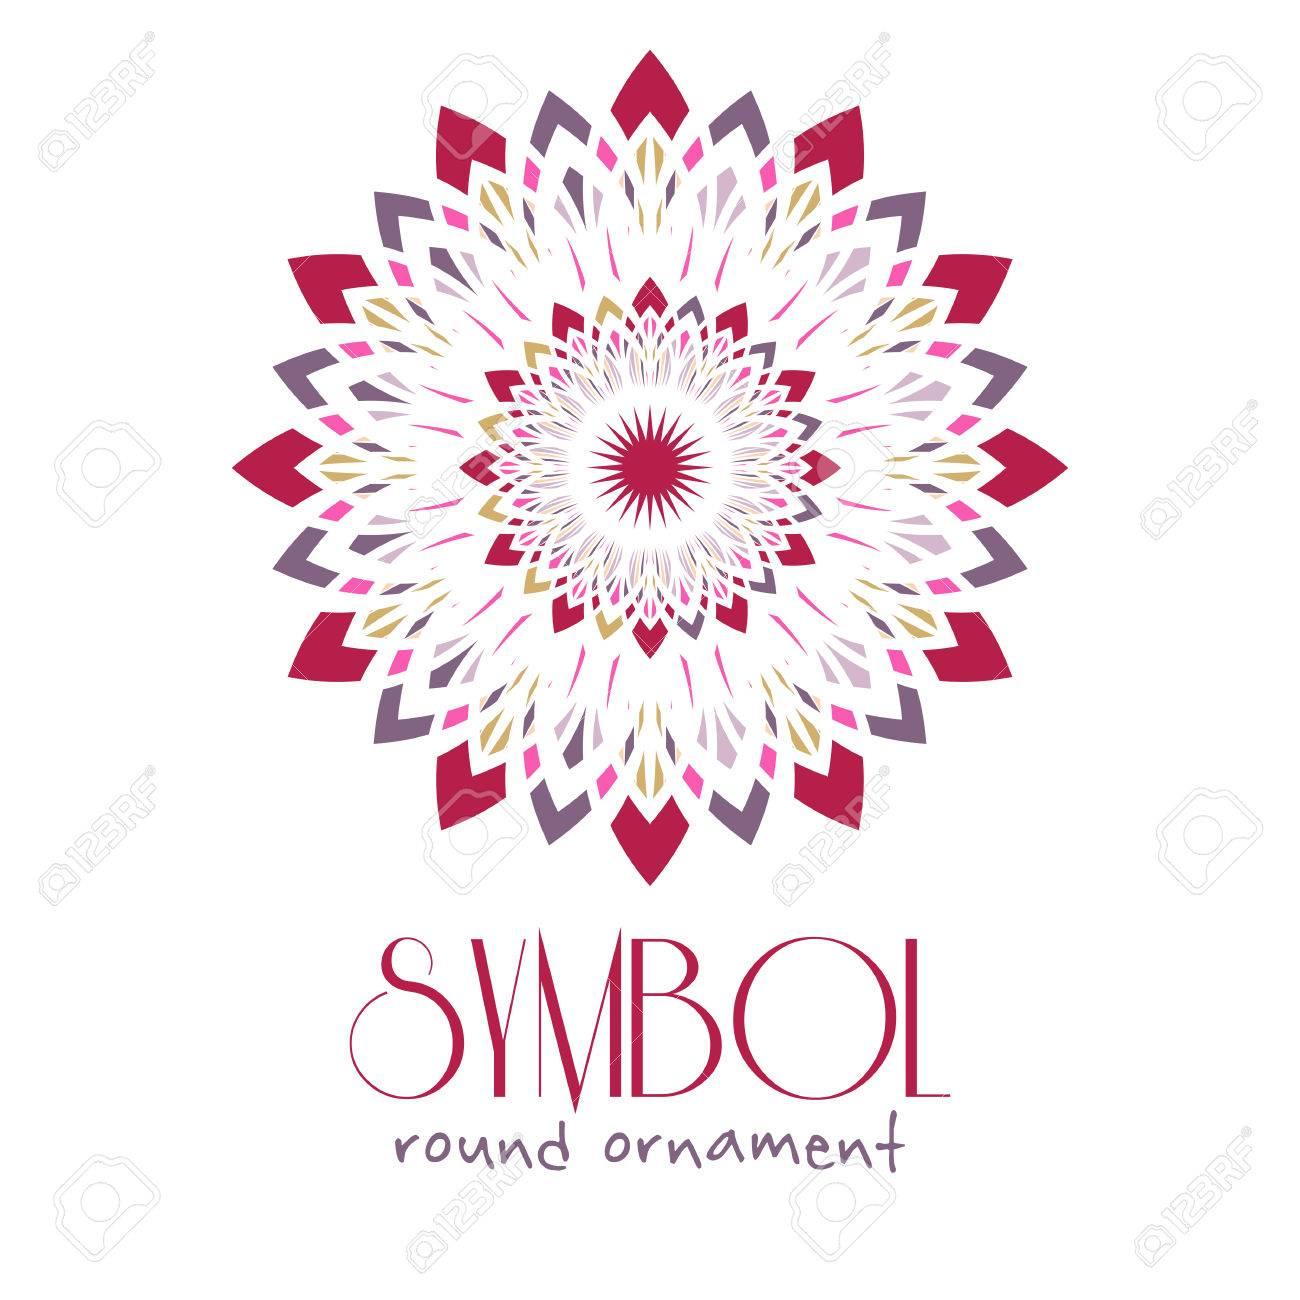 editable round ornament logo template design vector circular